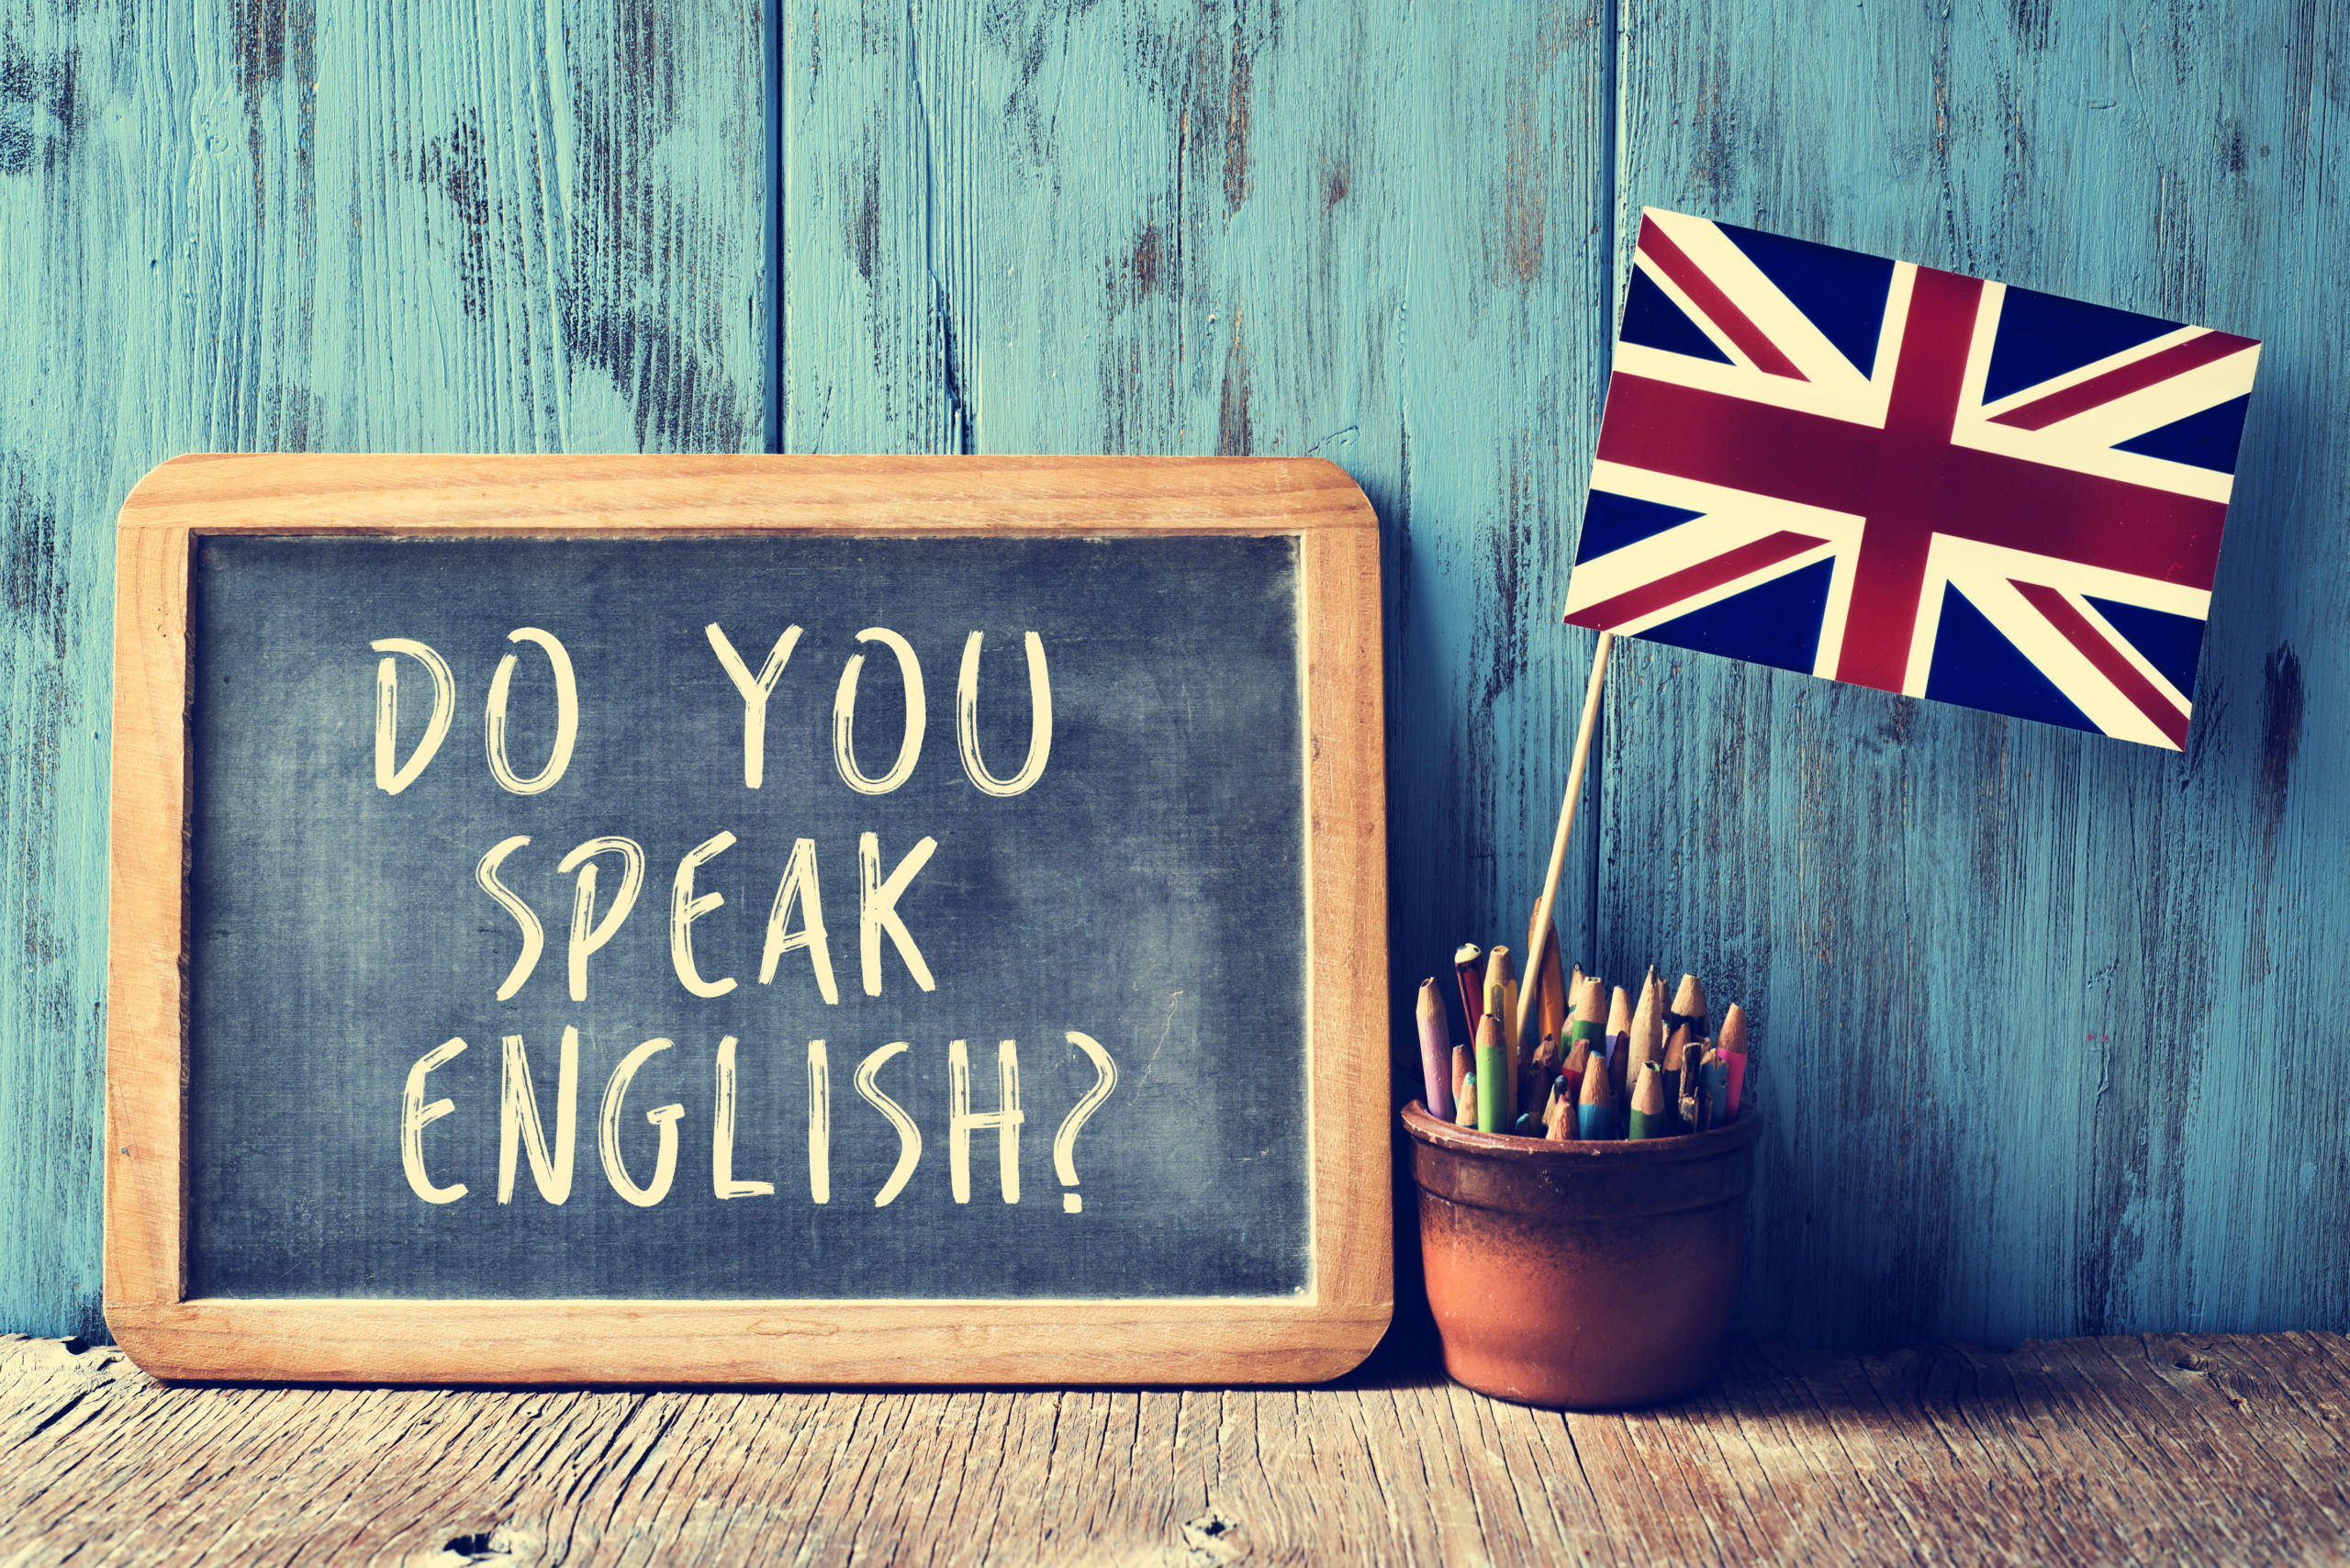 初級A2 英文法・英会話コース(ケンブリッジ)バイリンガル講師